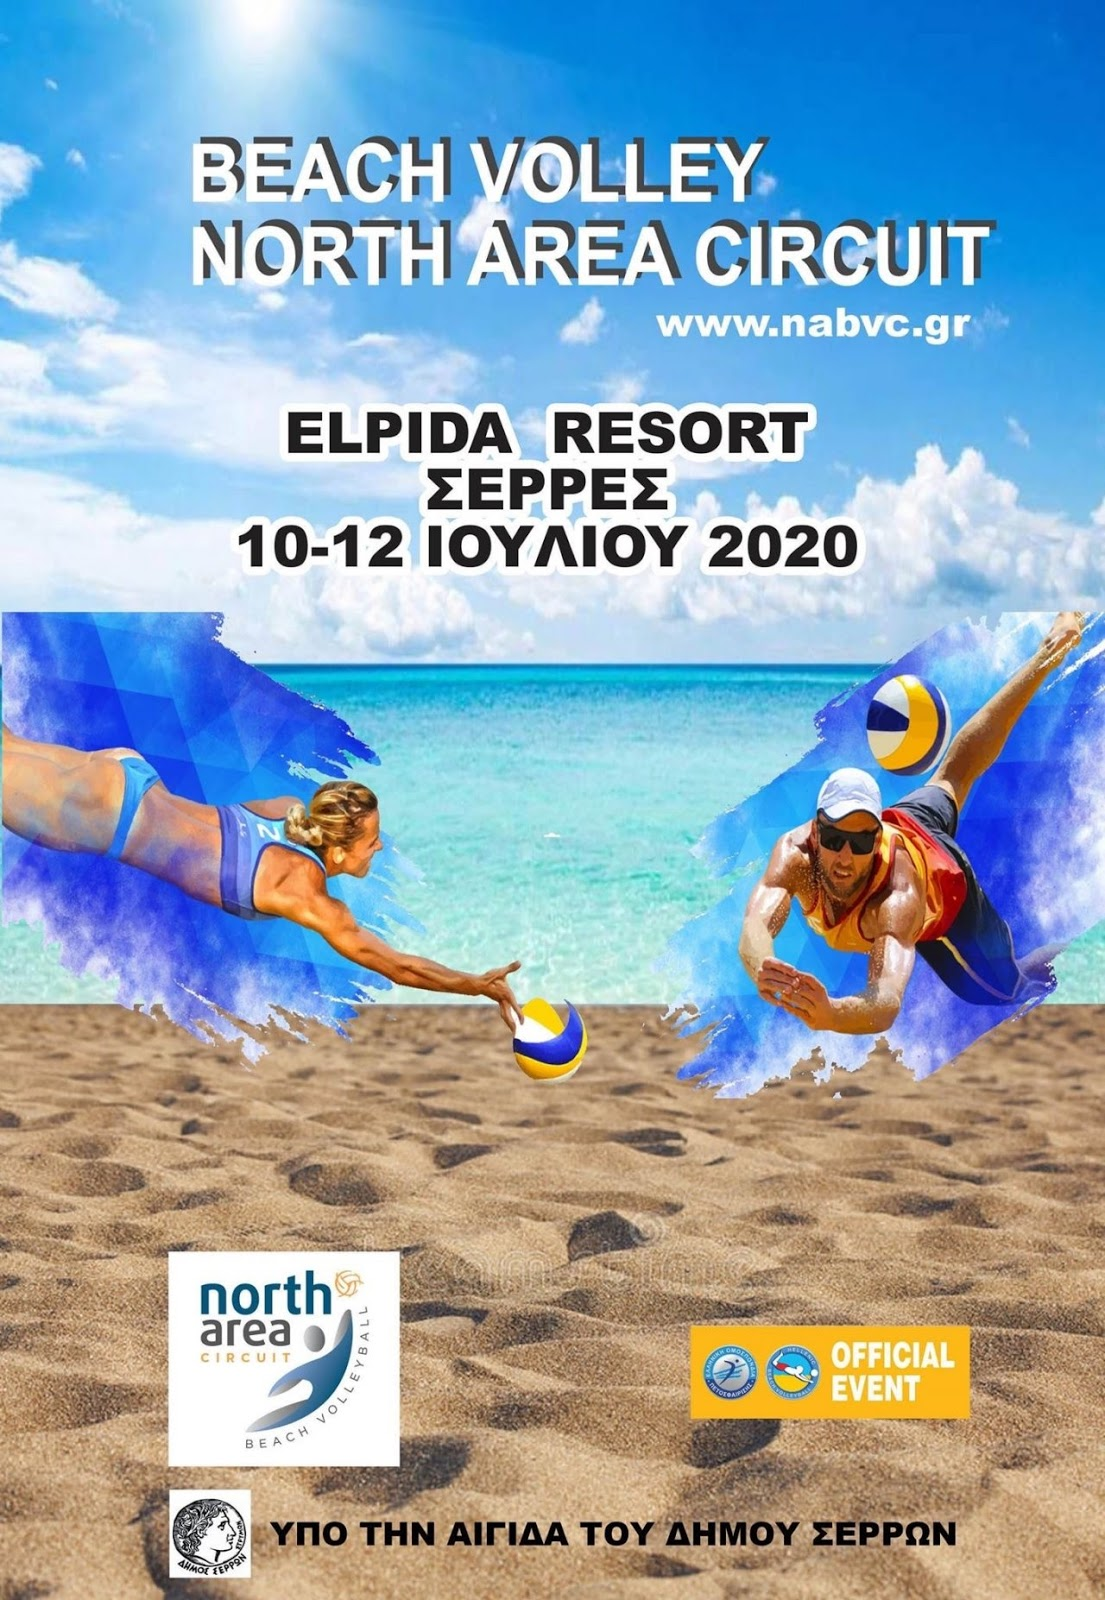 Υπό την αιγίδα του Δήμου Σερρών το 1ο Τουρνουά Beach Volley North Area Circuit